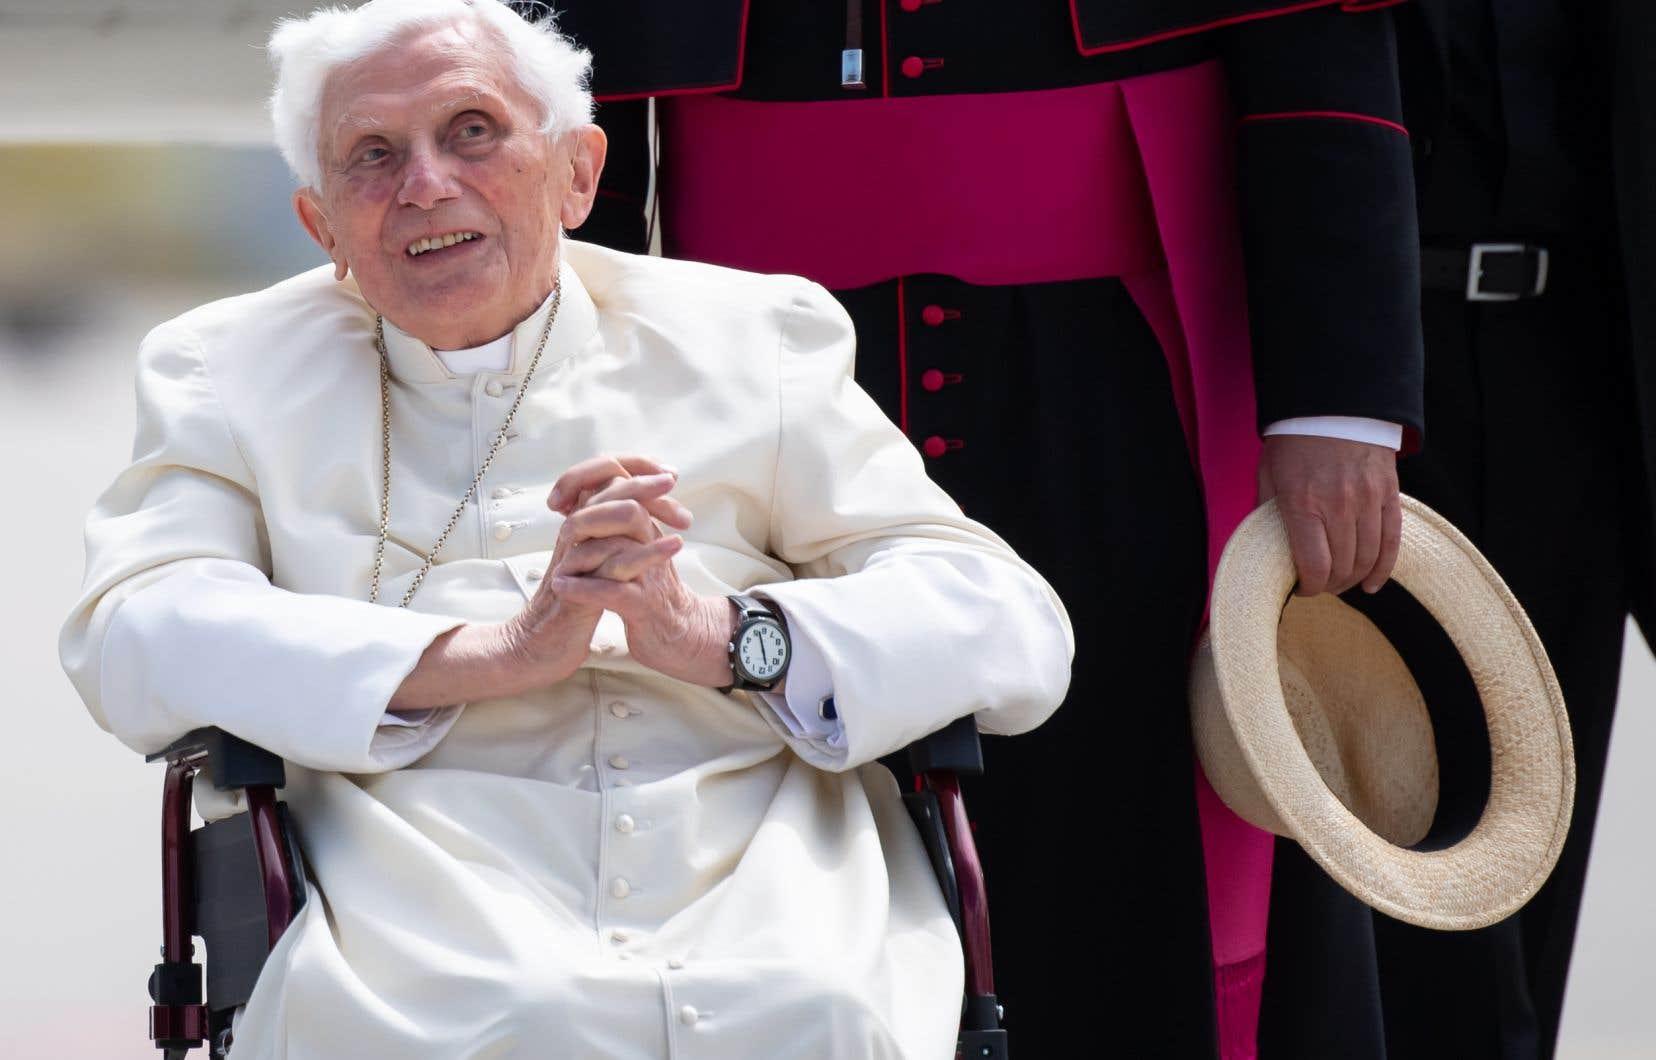 Premier pape à démissionner en près de 600ans, Benoît XVI, qui avait invoqué des raisons de santé, mène une vie retirée dans un petit monastère du Vatican depuis sa renonciation en 2013.